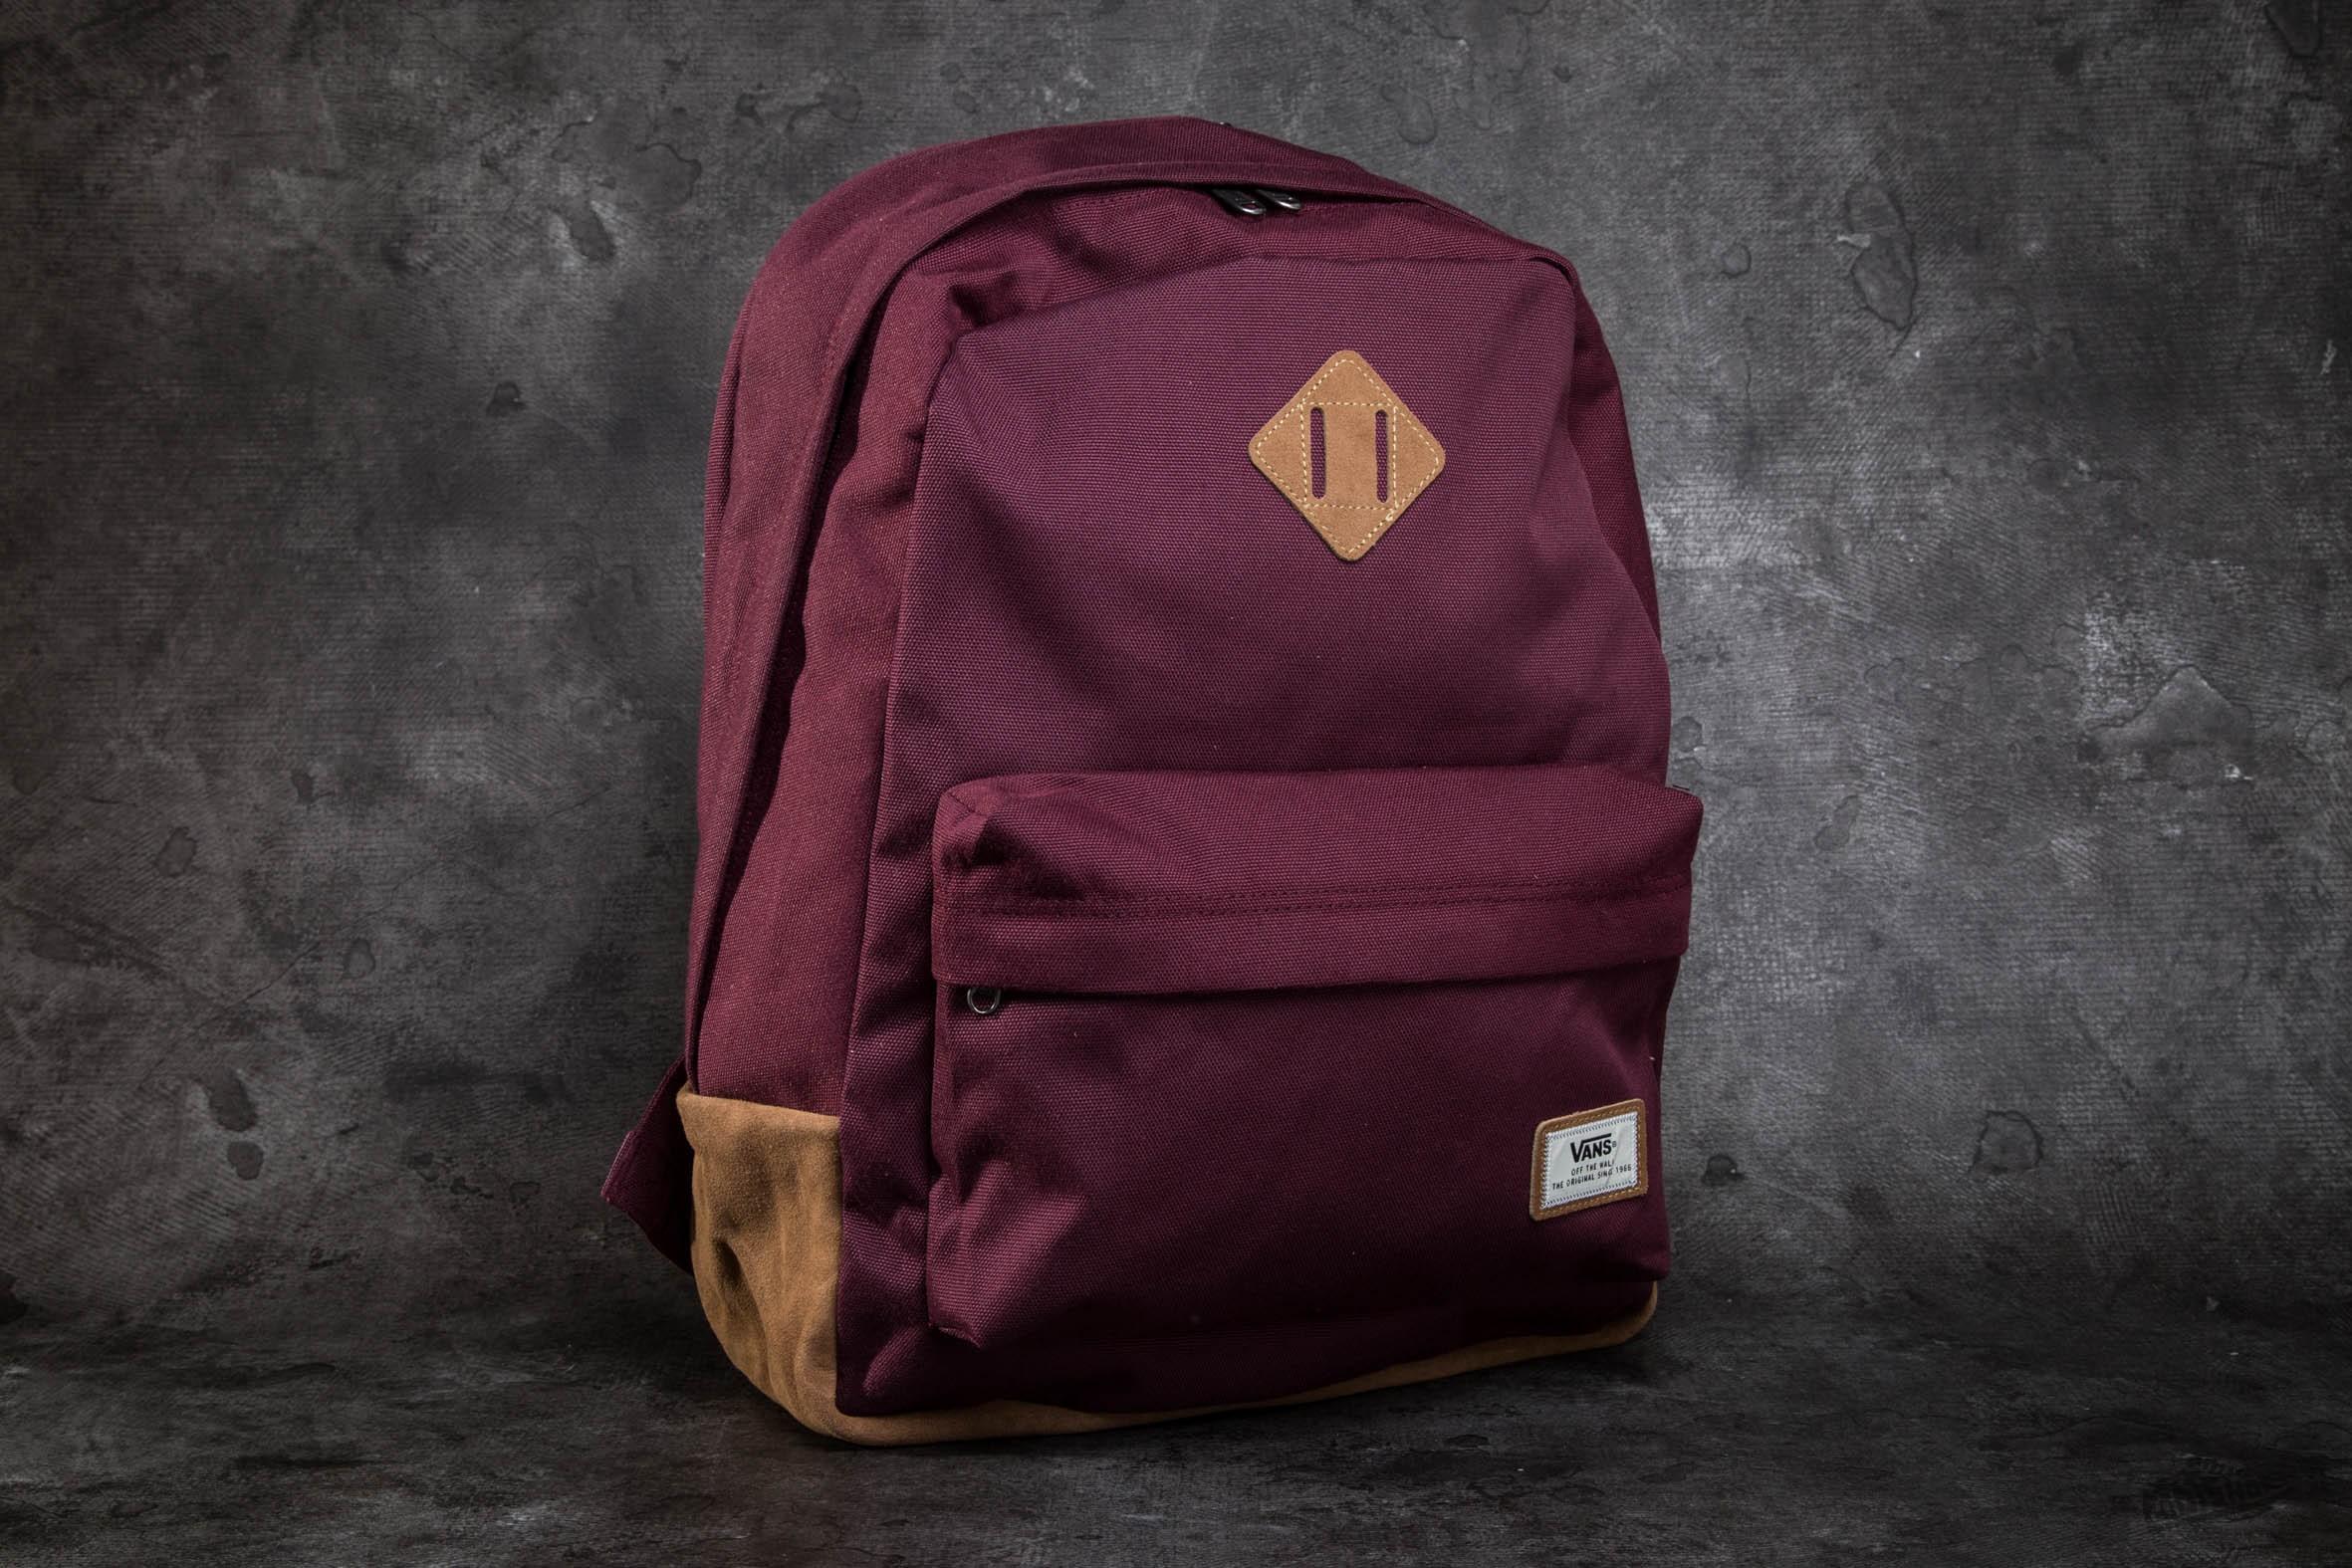 Vans Old Skool Plus Backpack Port Royale | Footshop